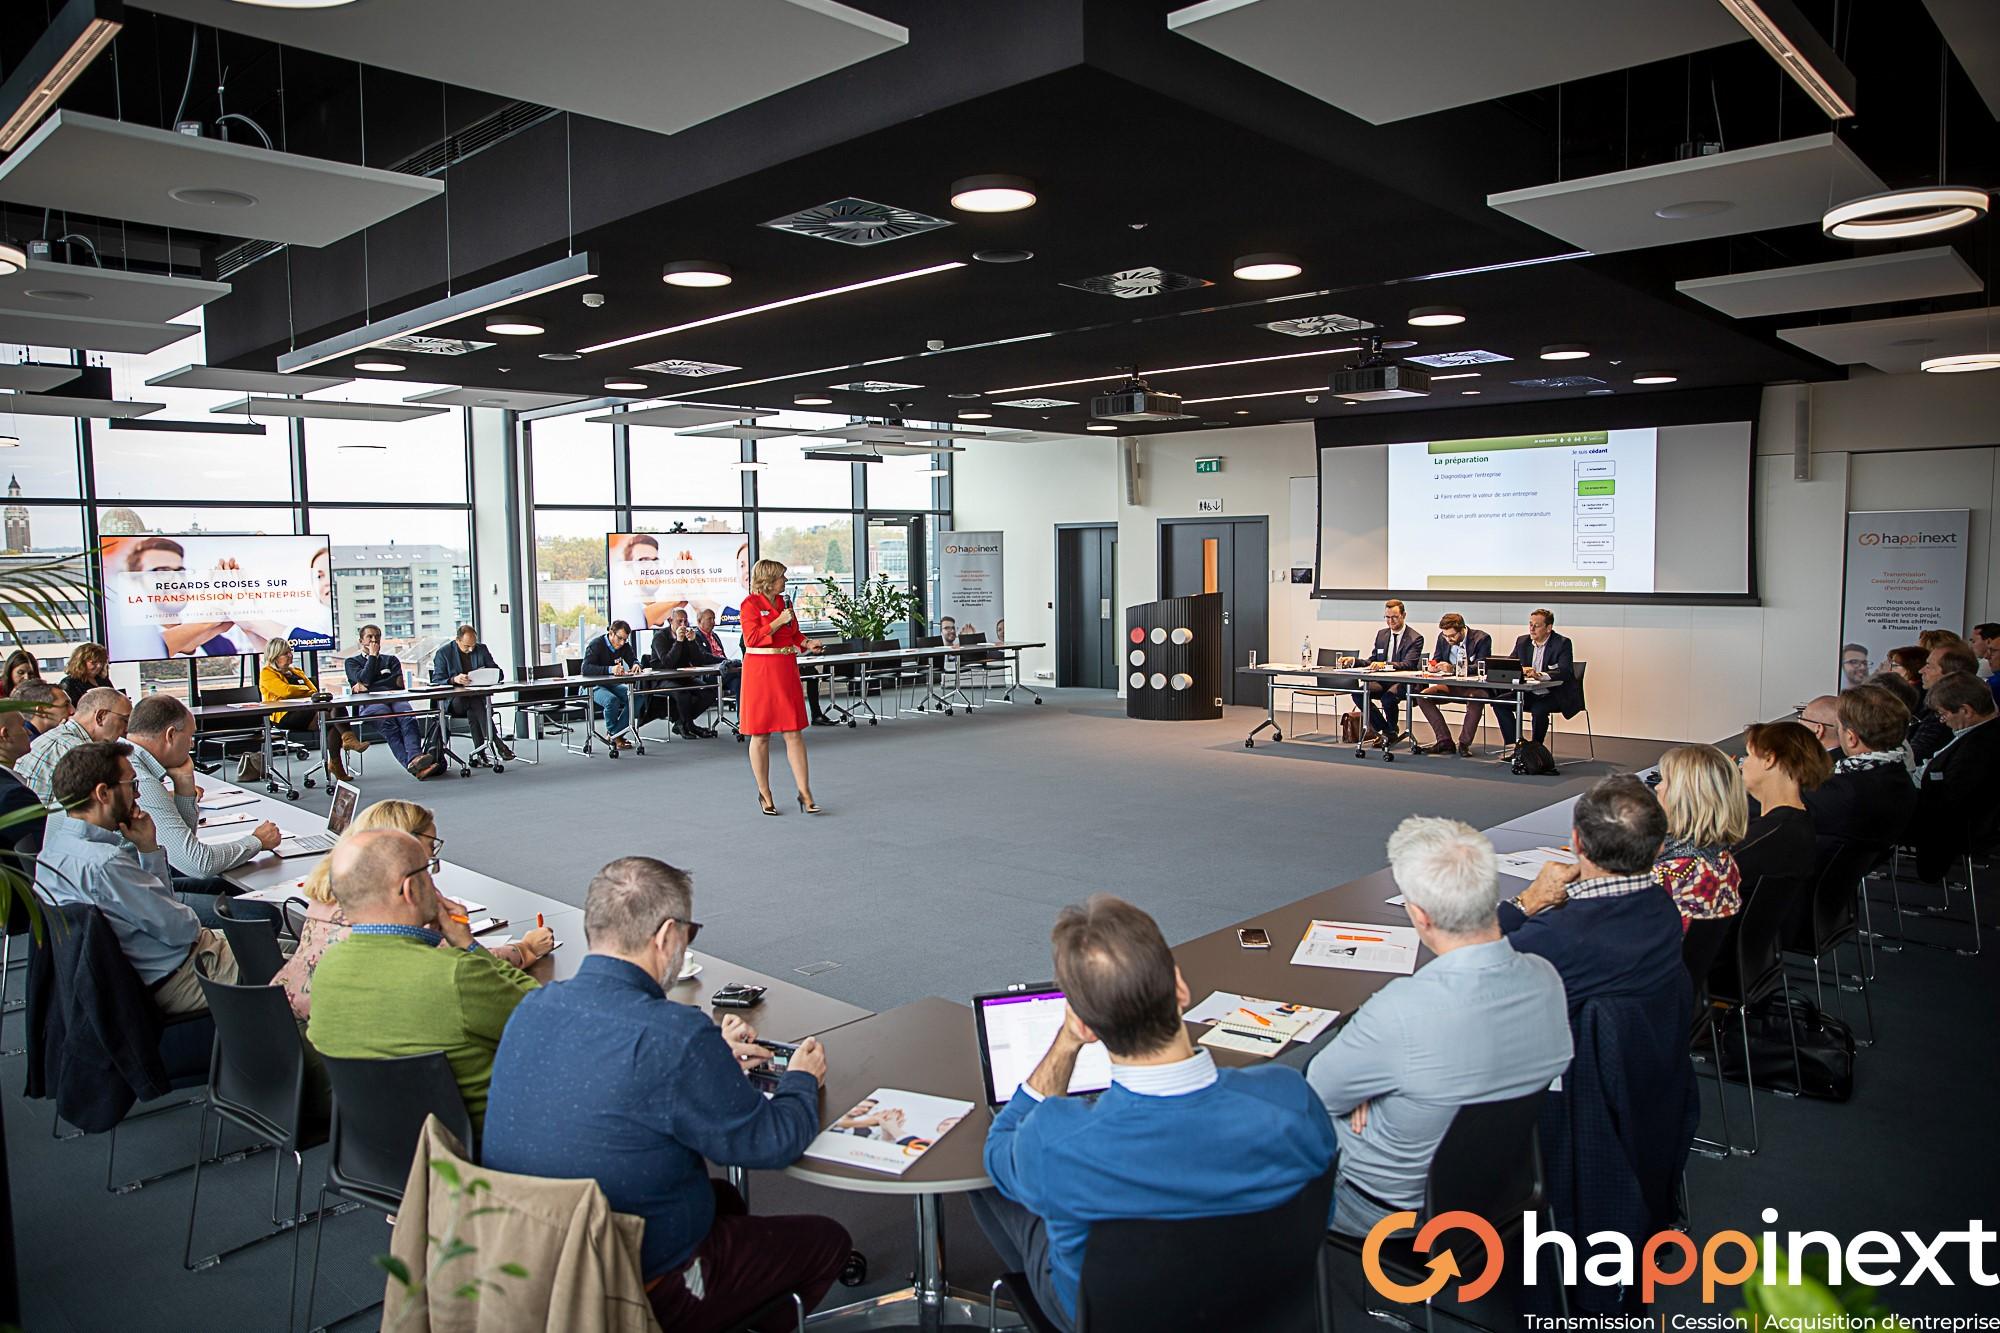 Happinext Transmission, Cession et Acquisition d'entreprise Sowaccess